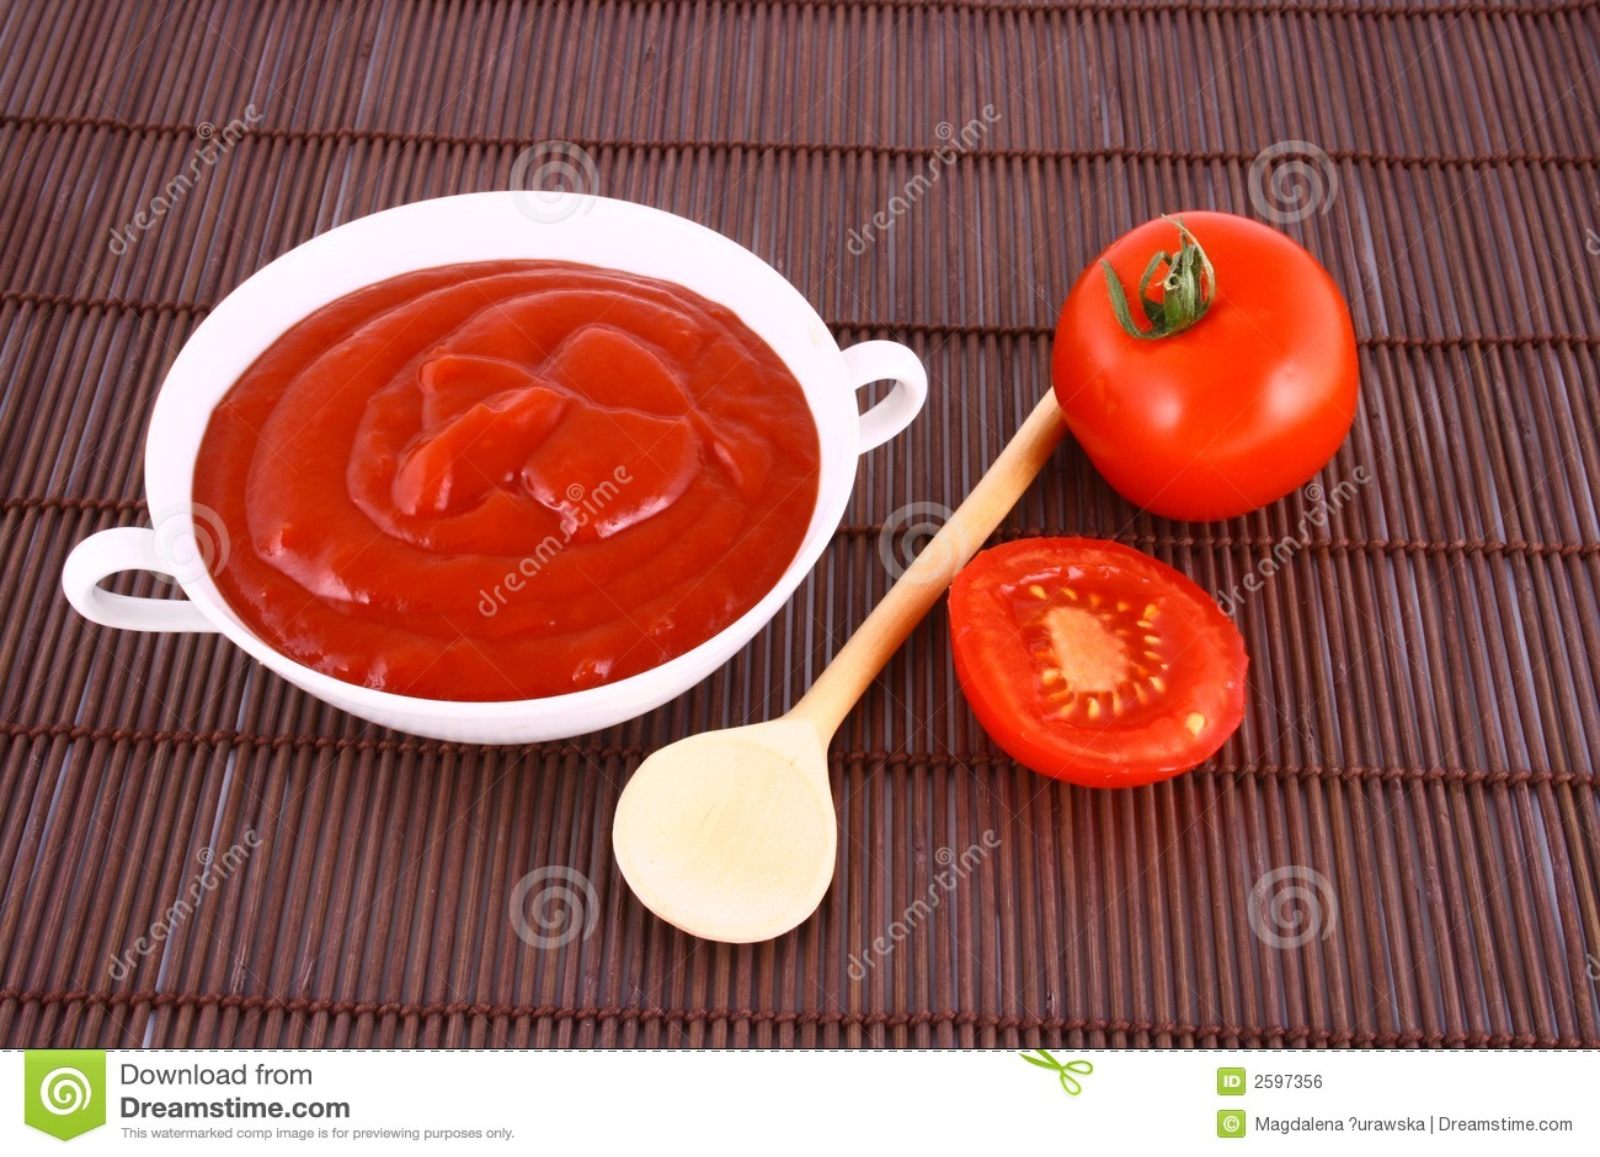 Ketchup-tomaat deeg